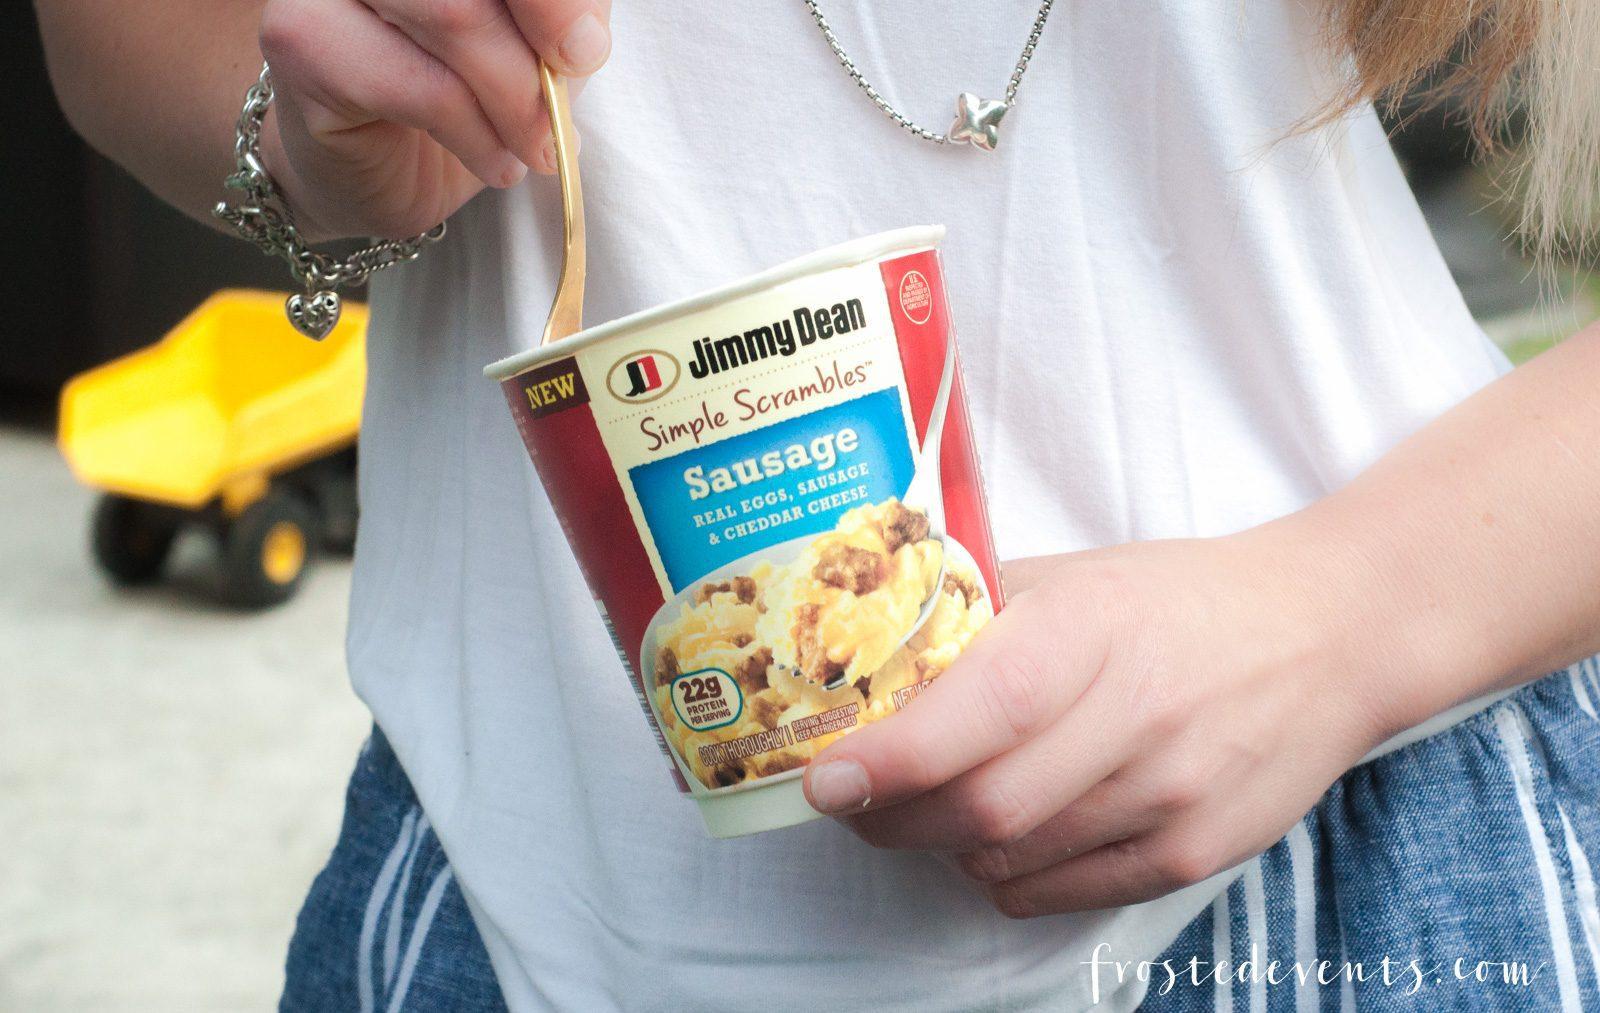 Egg Scramble Breakfast Jimmy Dean Scrambles - Easy Breakfast Ideas You Can Enjoy Any Time of Day